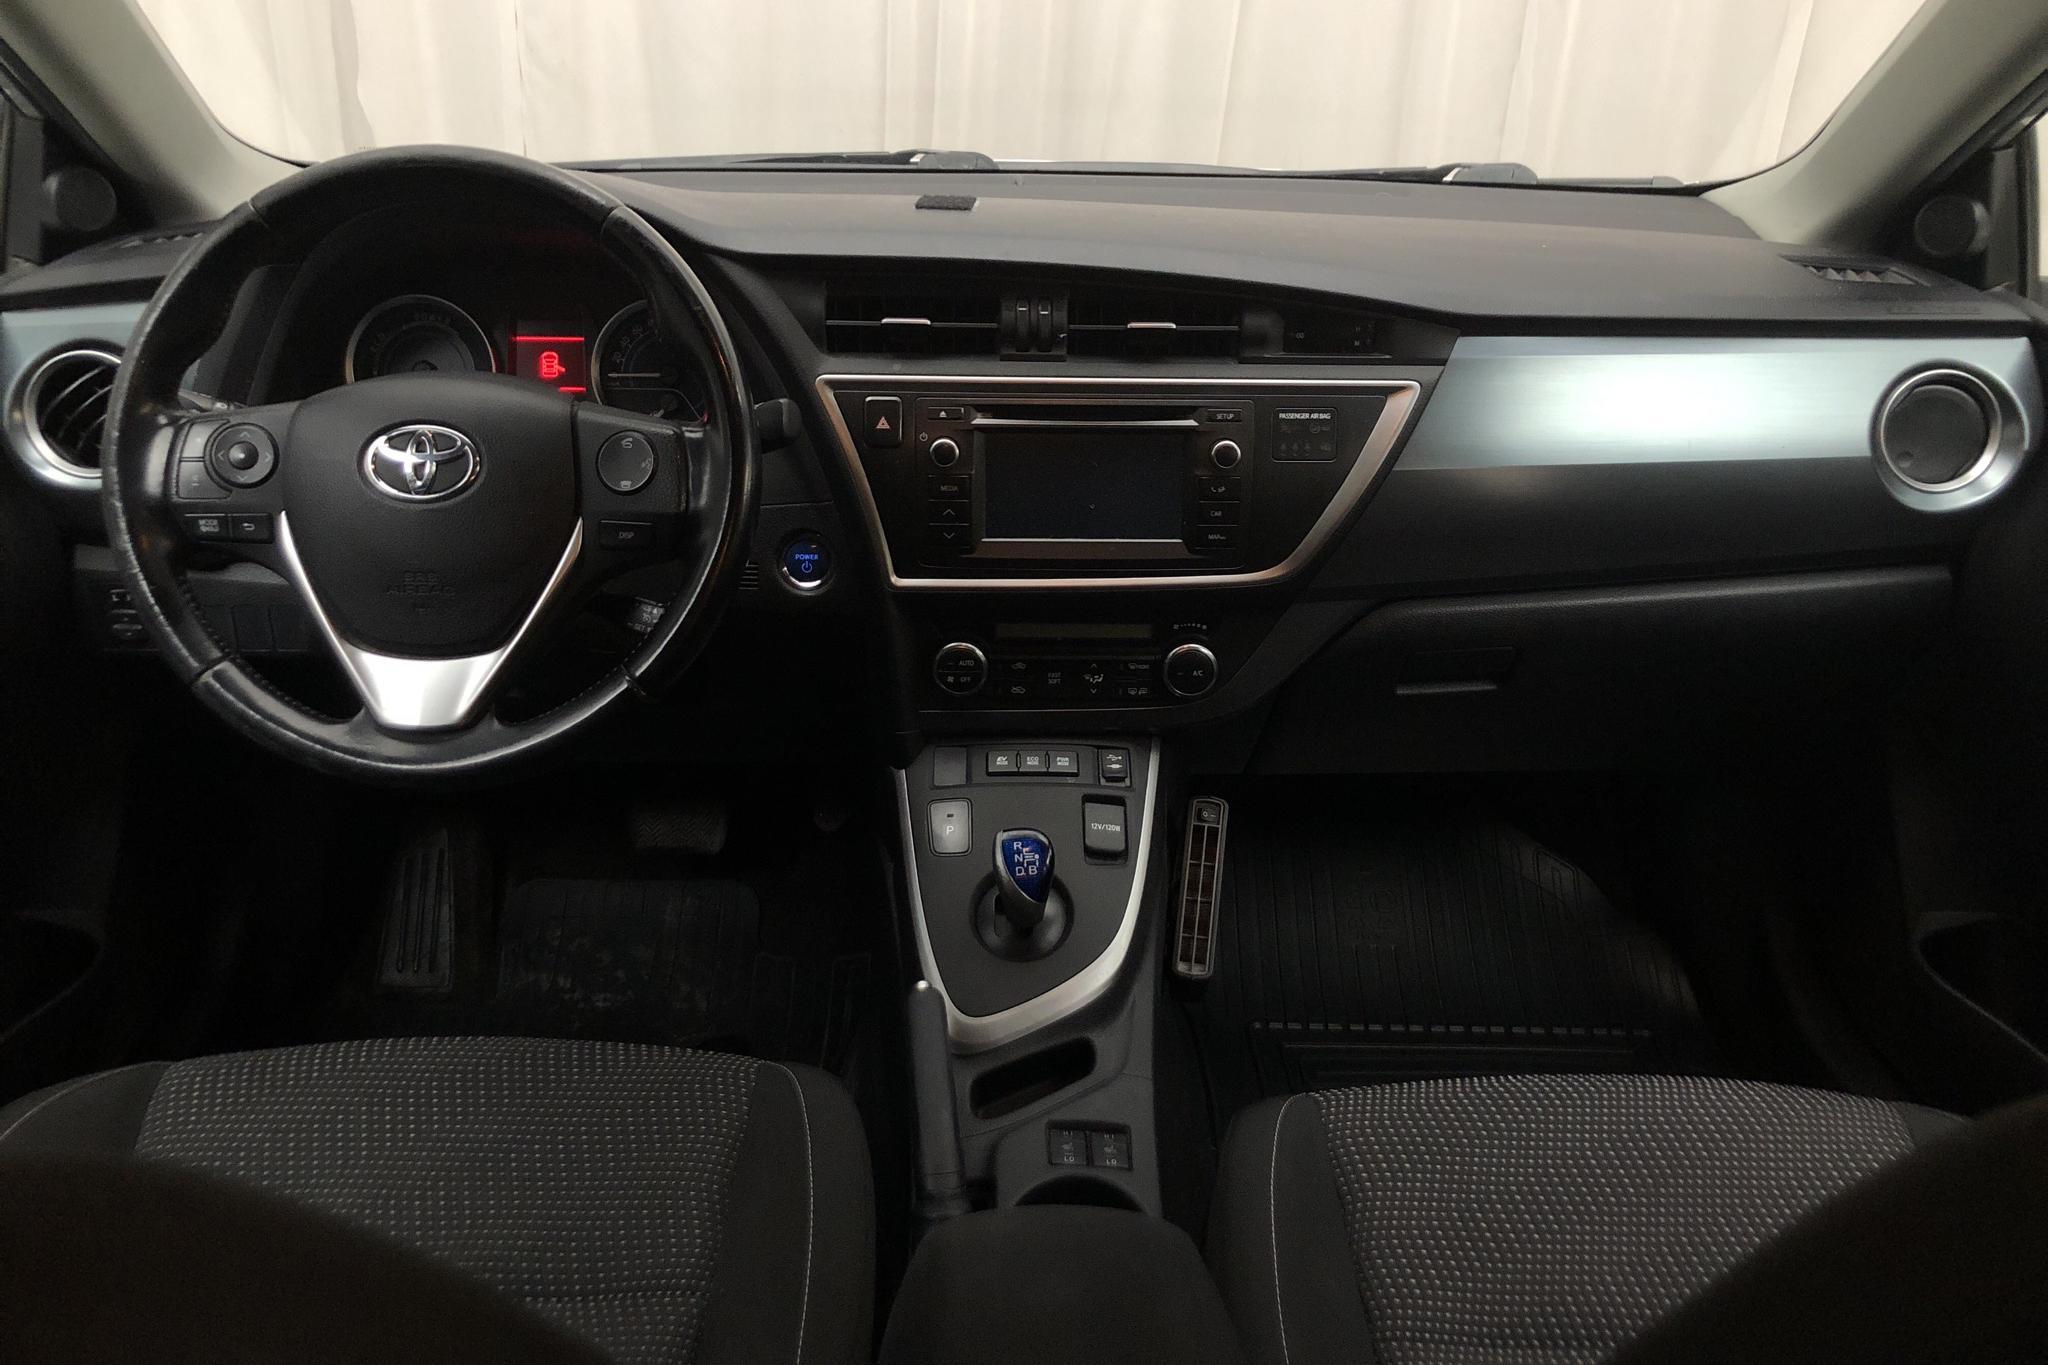 Toyota Auris 1.8 HSD 5dr (99hk) - 122 050 km - Automatic - silver - 2014